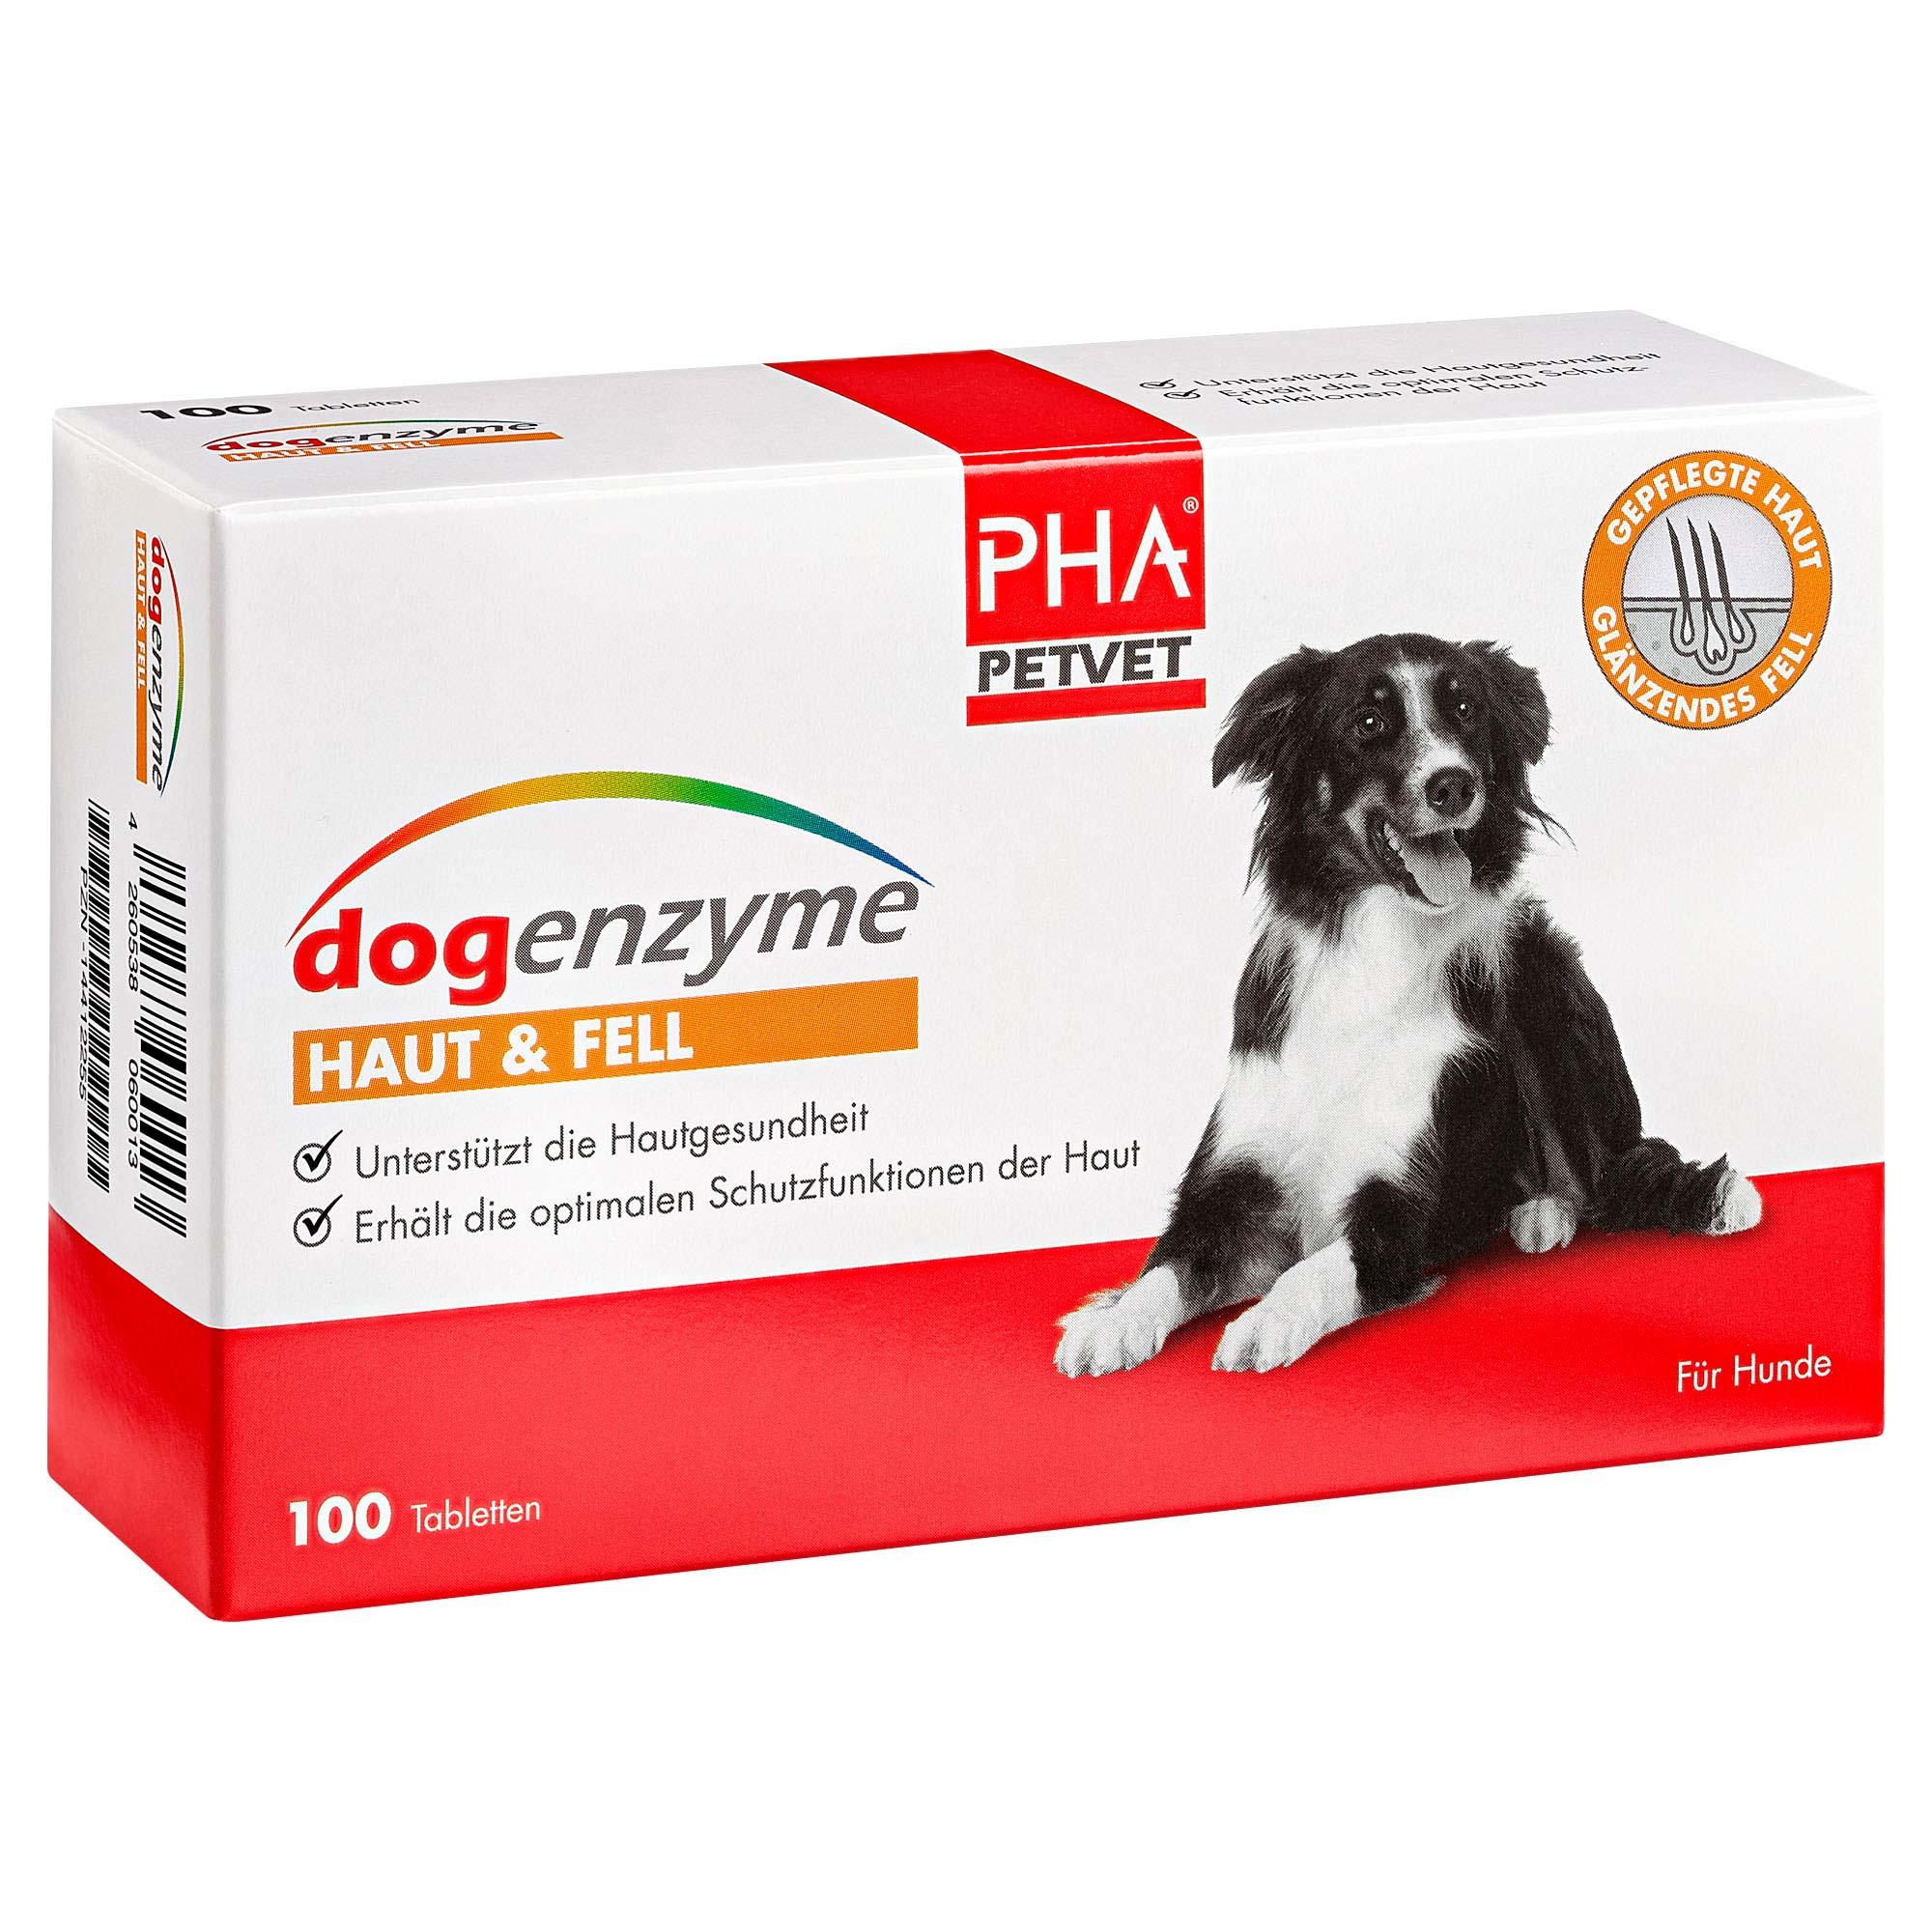 PHA dogenzyme Haut&Fell